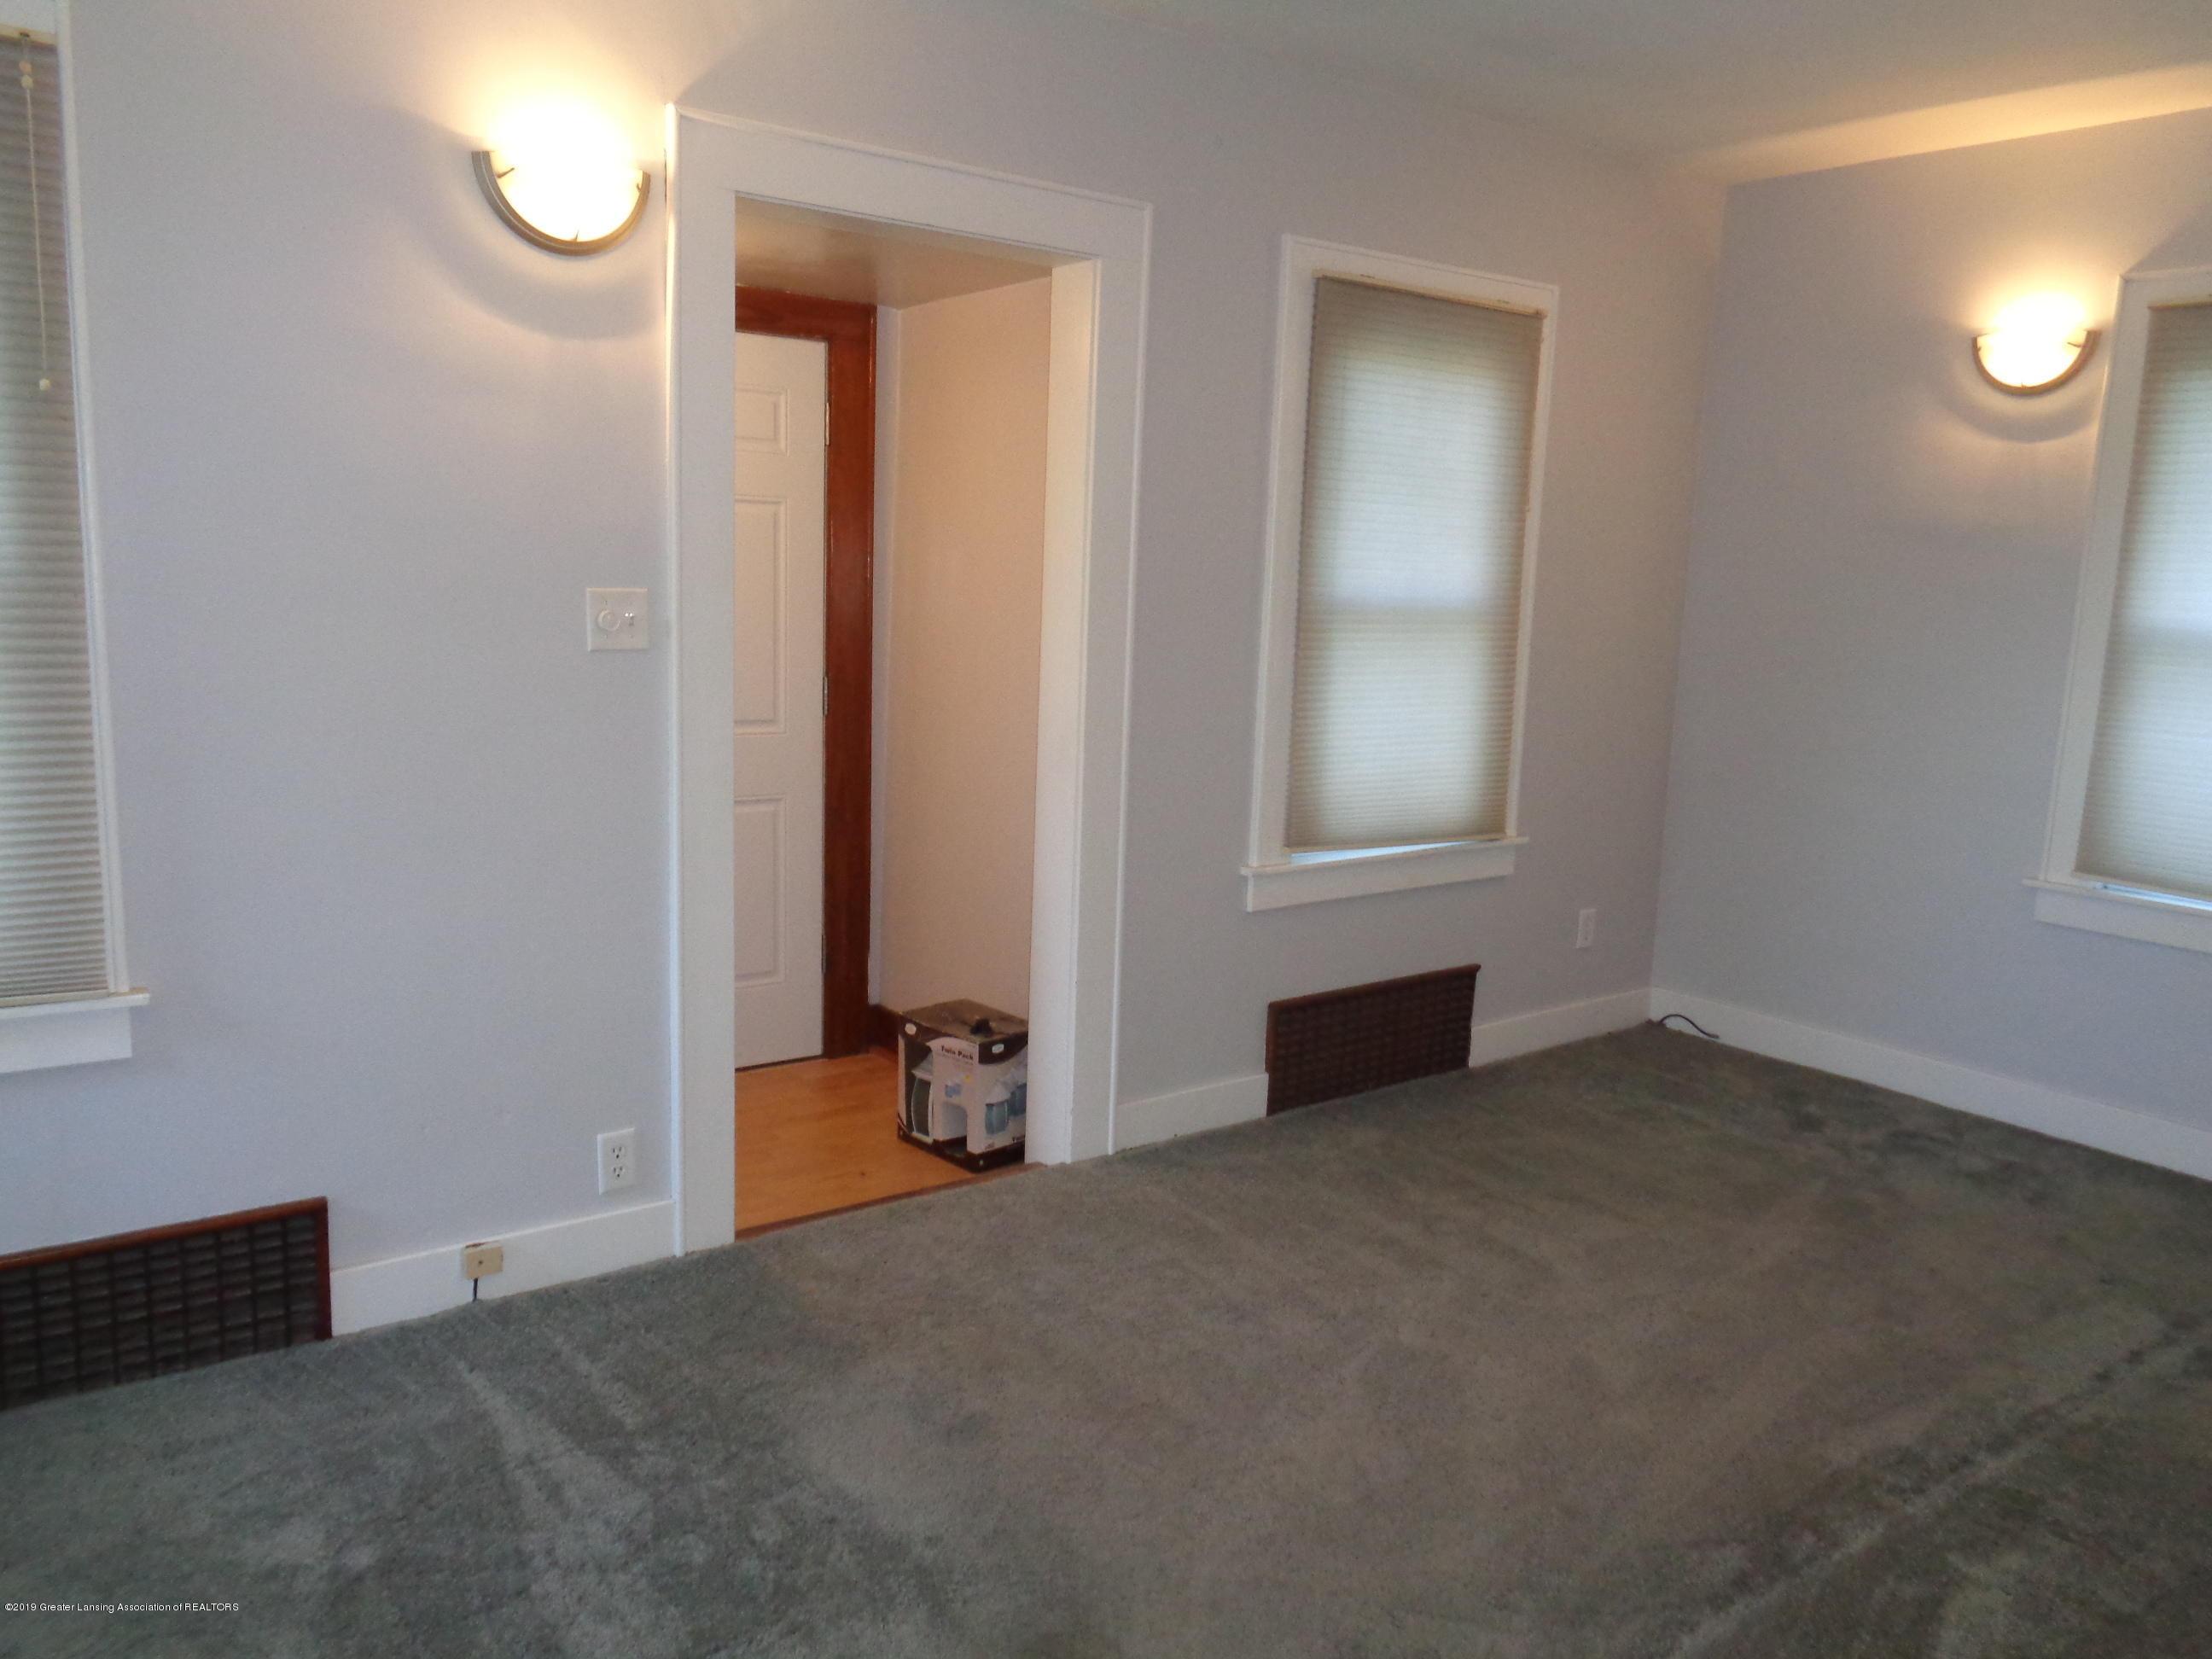 3522 N Aurelius Rd - aurelius livingroom 2 - 9